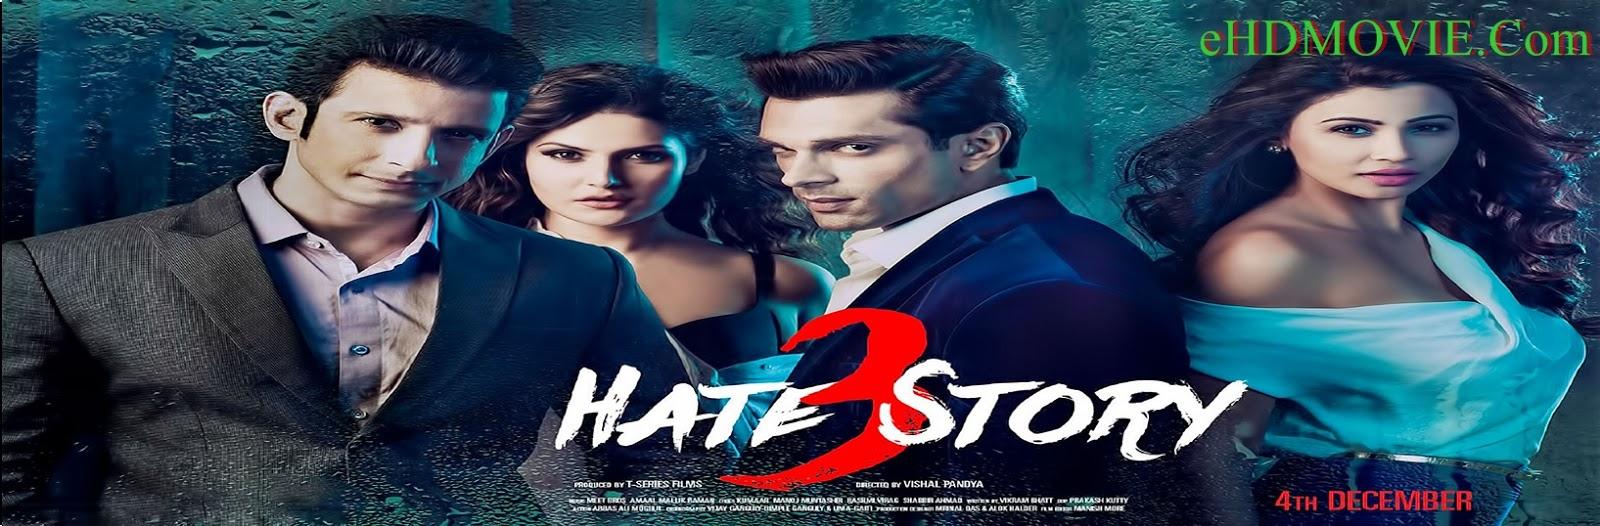 Hate Story 3 2015 Full Movie Hindi 720p - 480p ORG BRRip 350MB - 850MB ESubs Free Download